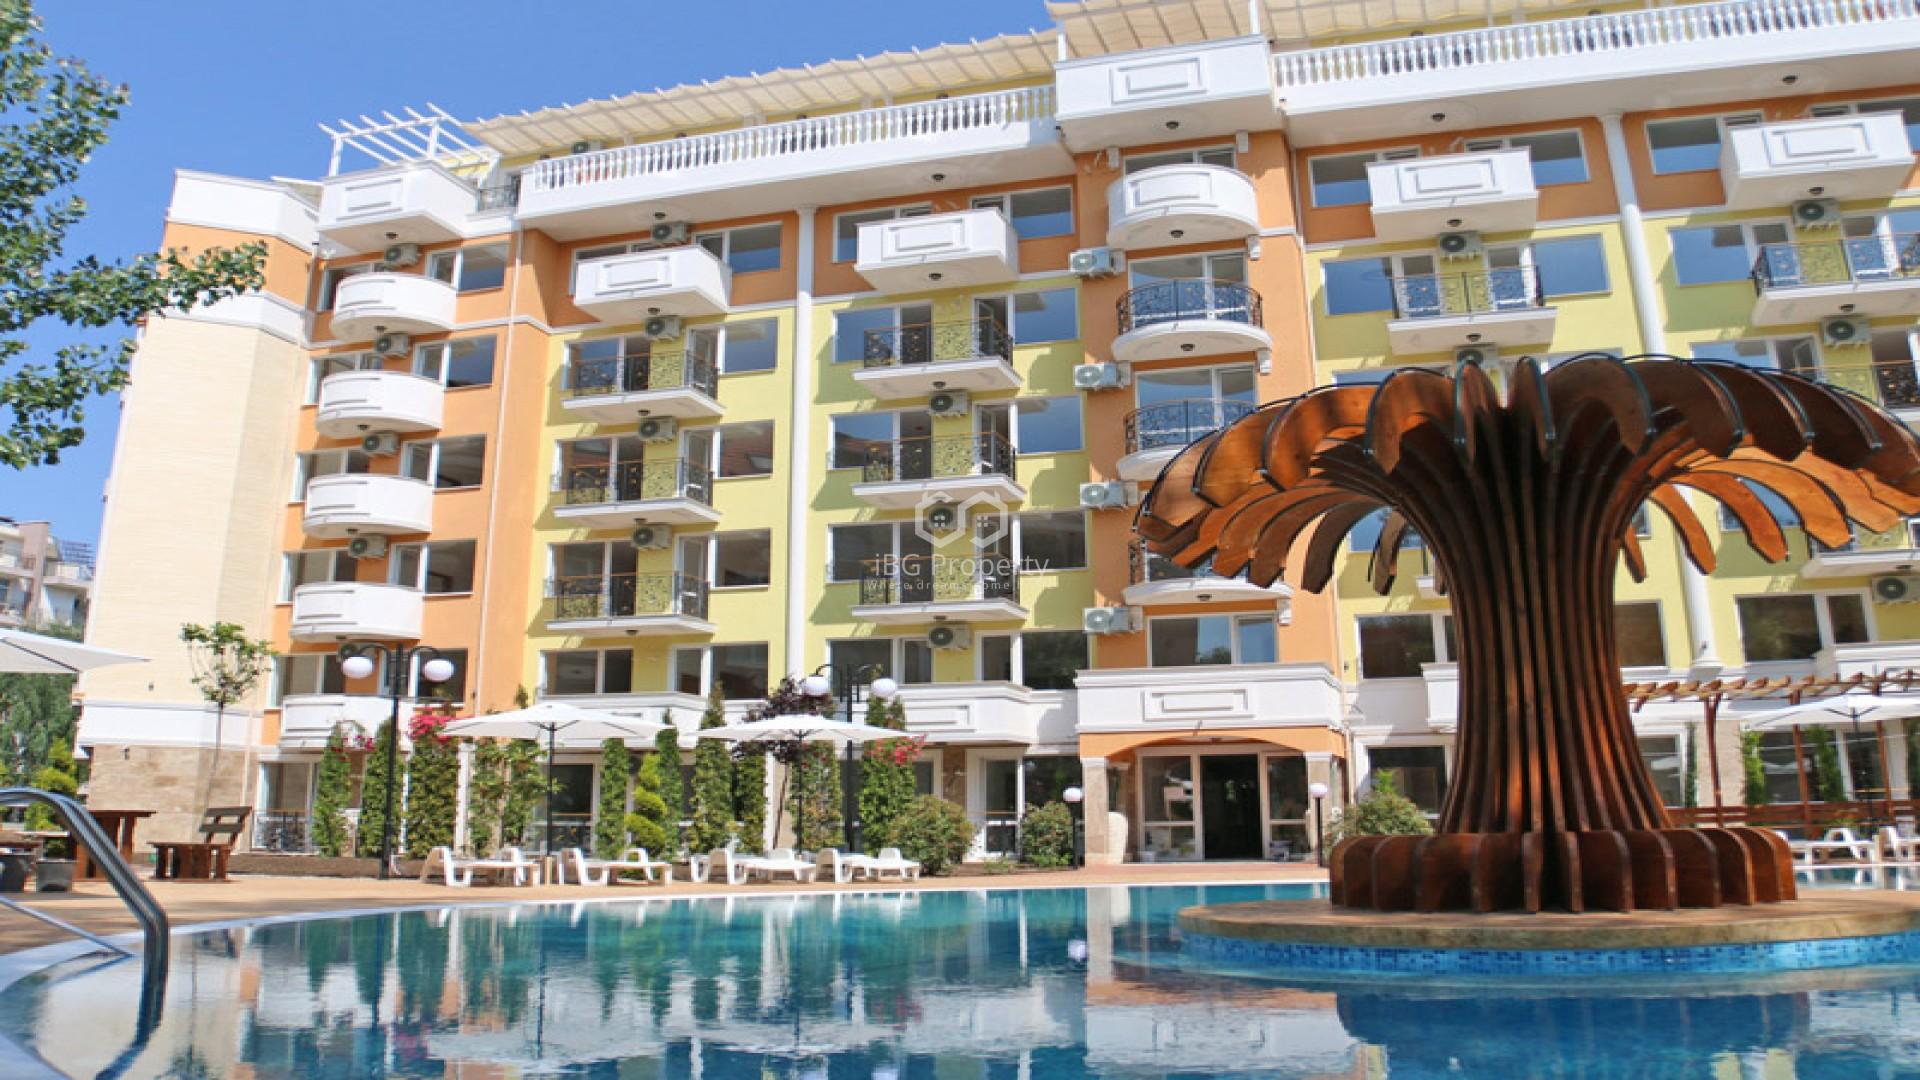 Einzimmerwohnung in Sonnenstrand 31 m2